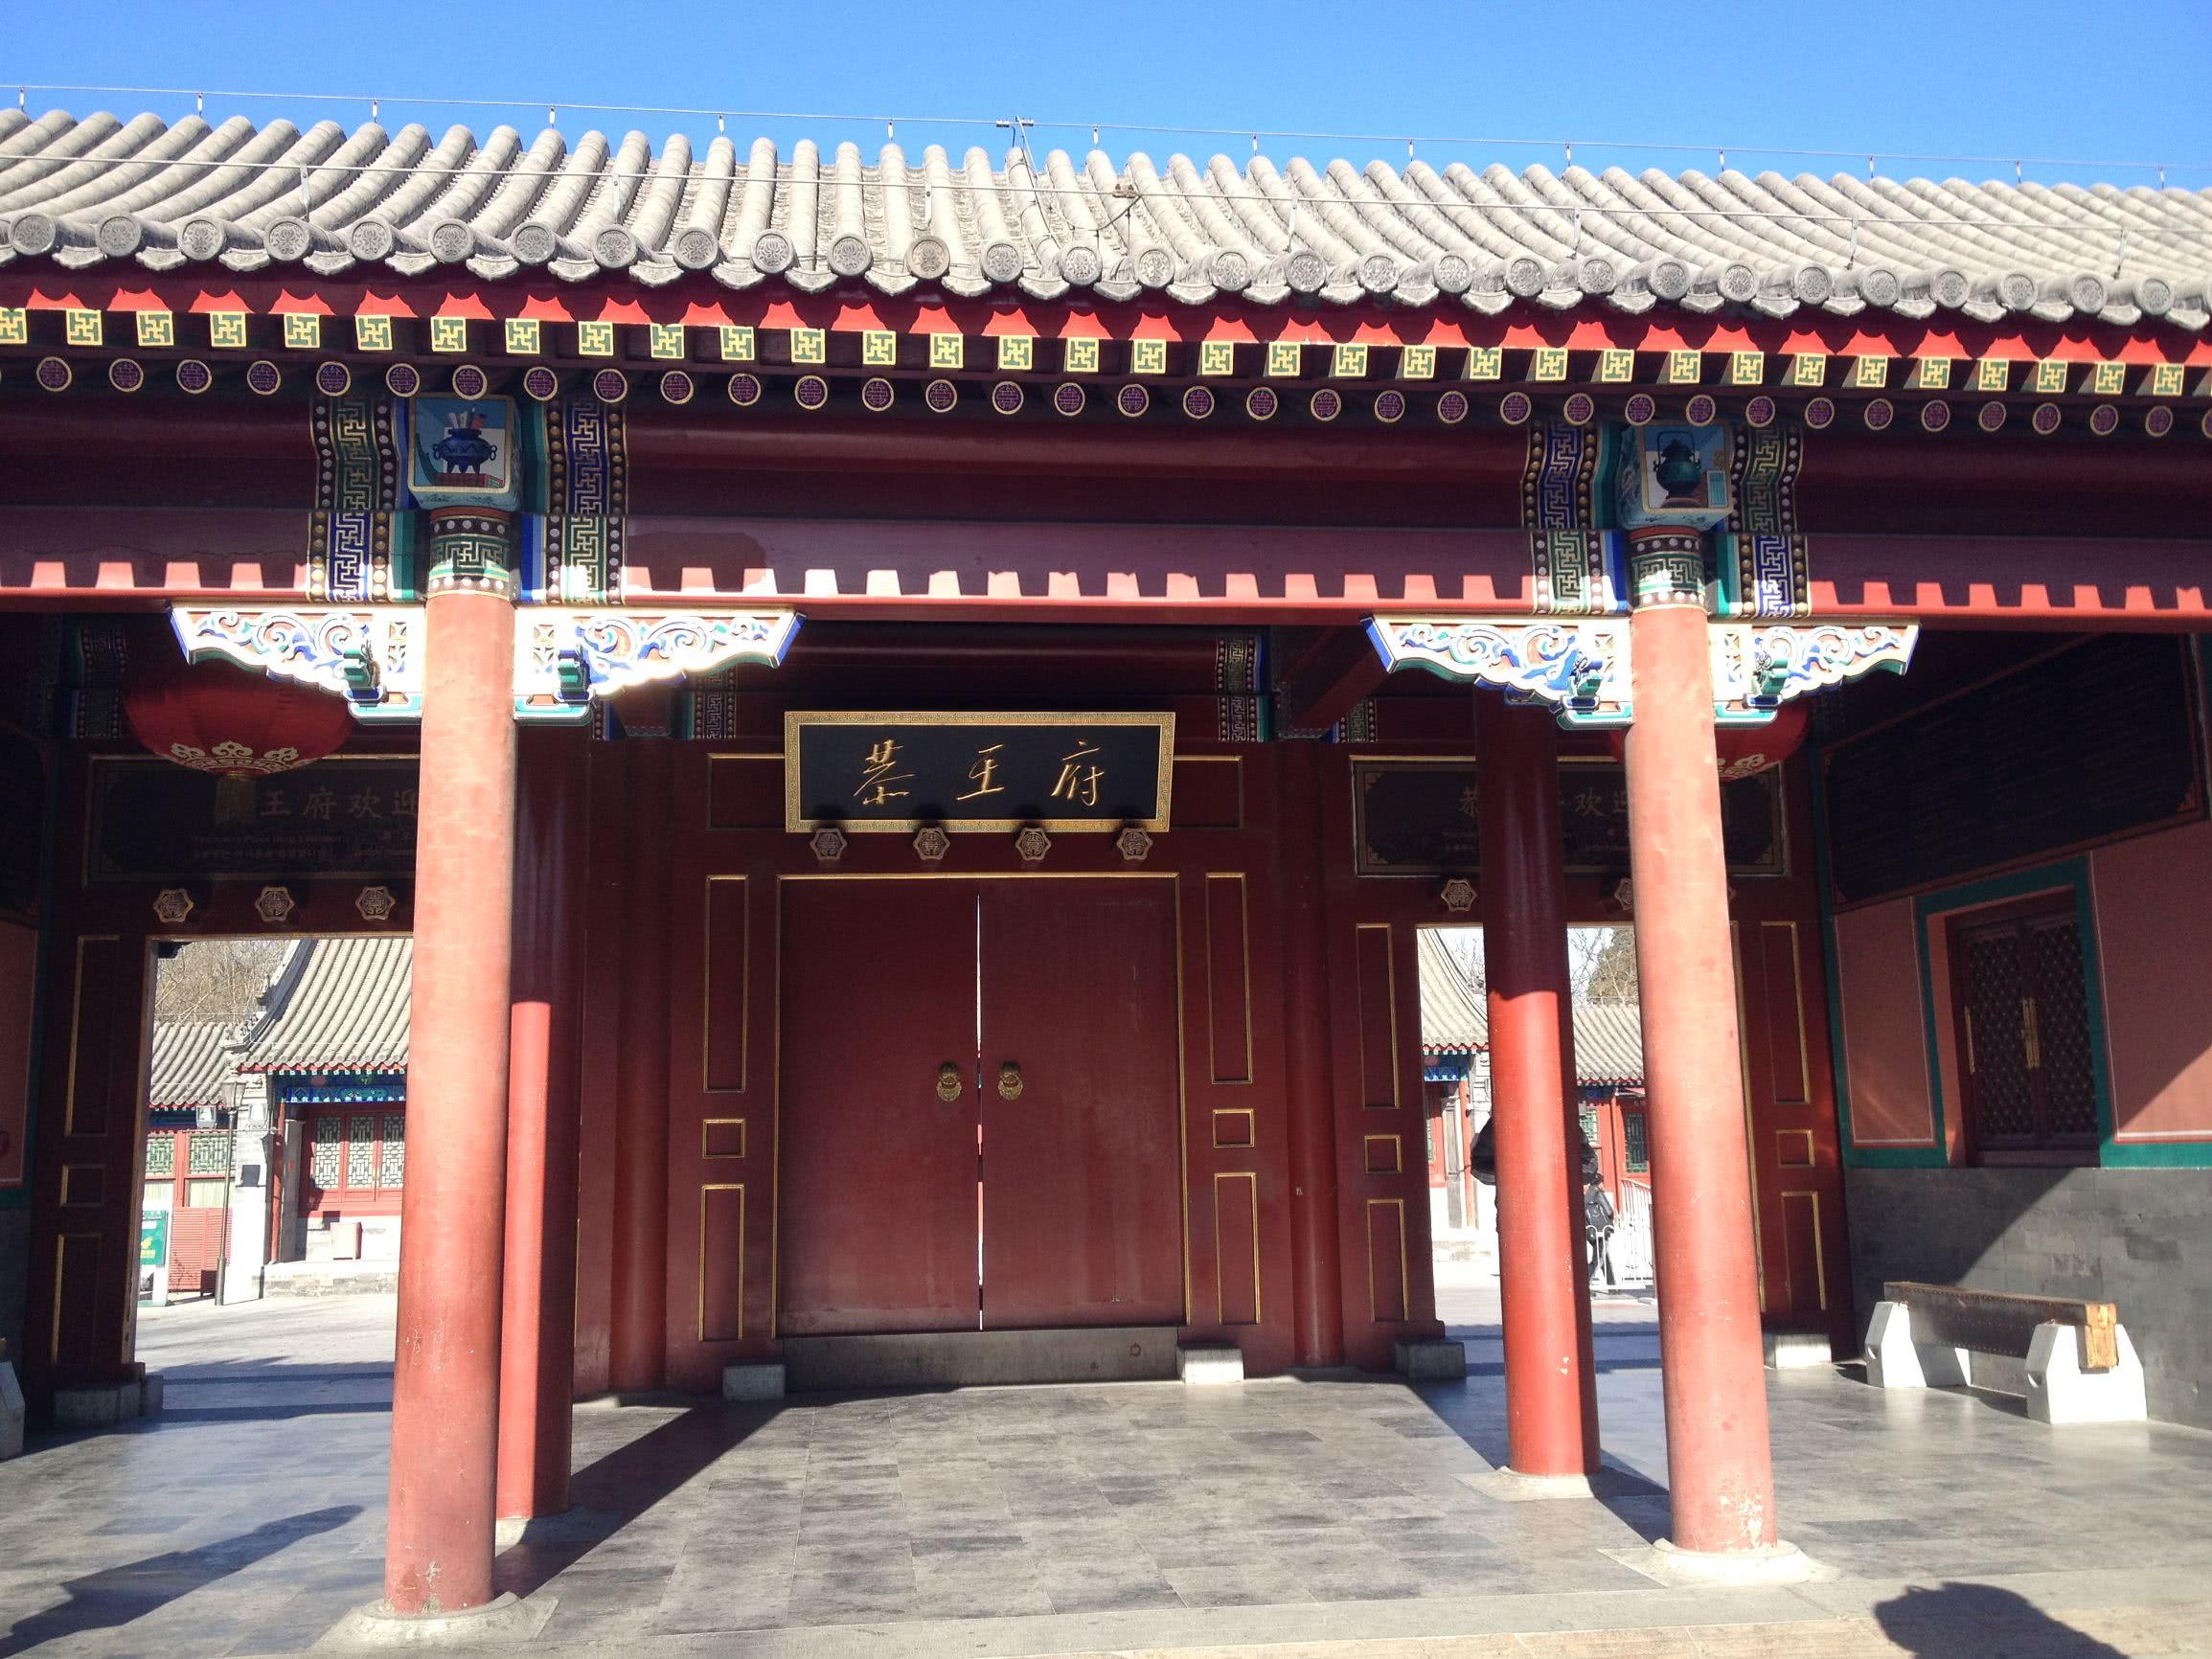 北京第一豪宅:占据龙脉,可它的主人要不被抄家,要不就子孙断绝